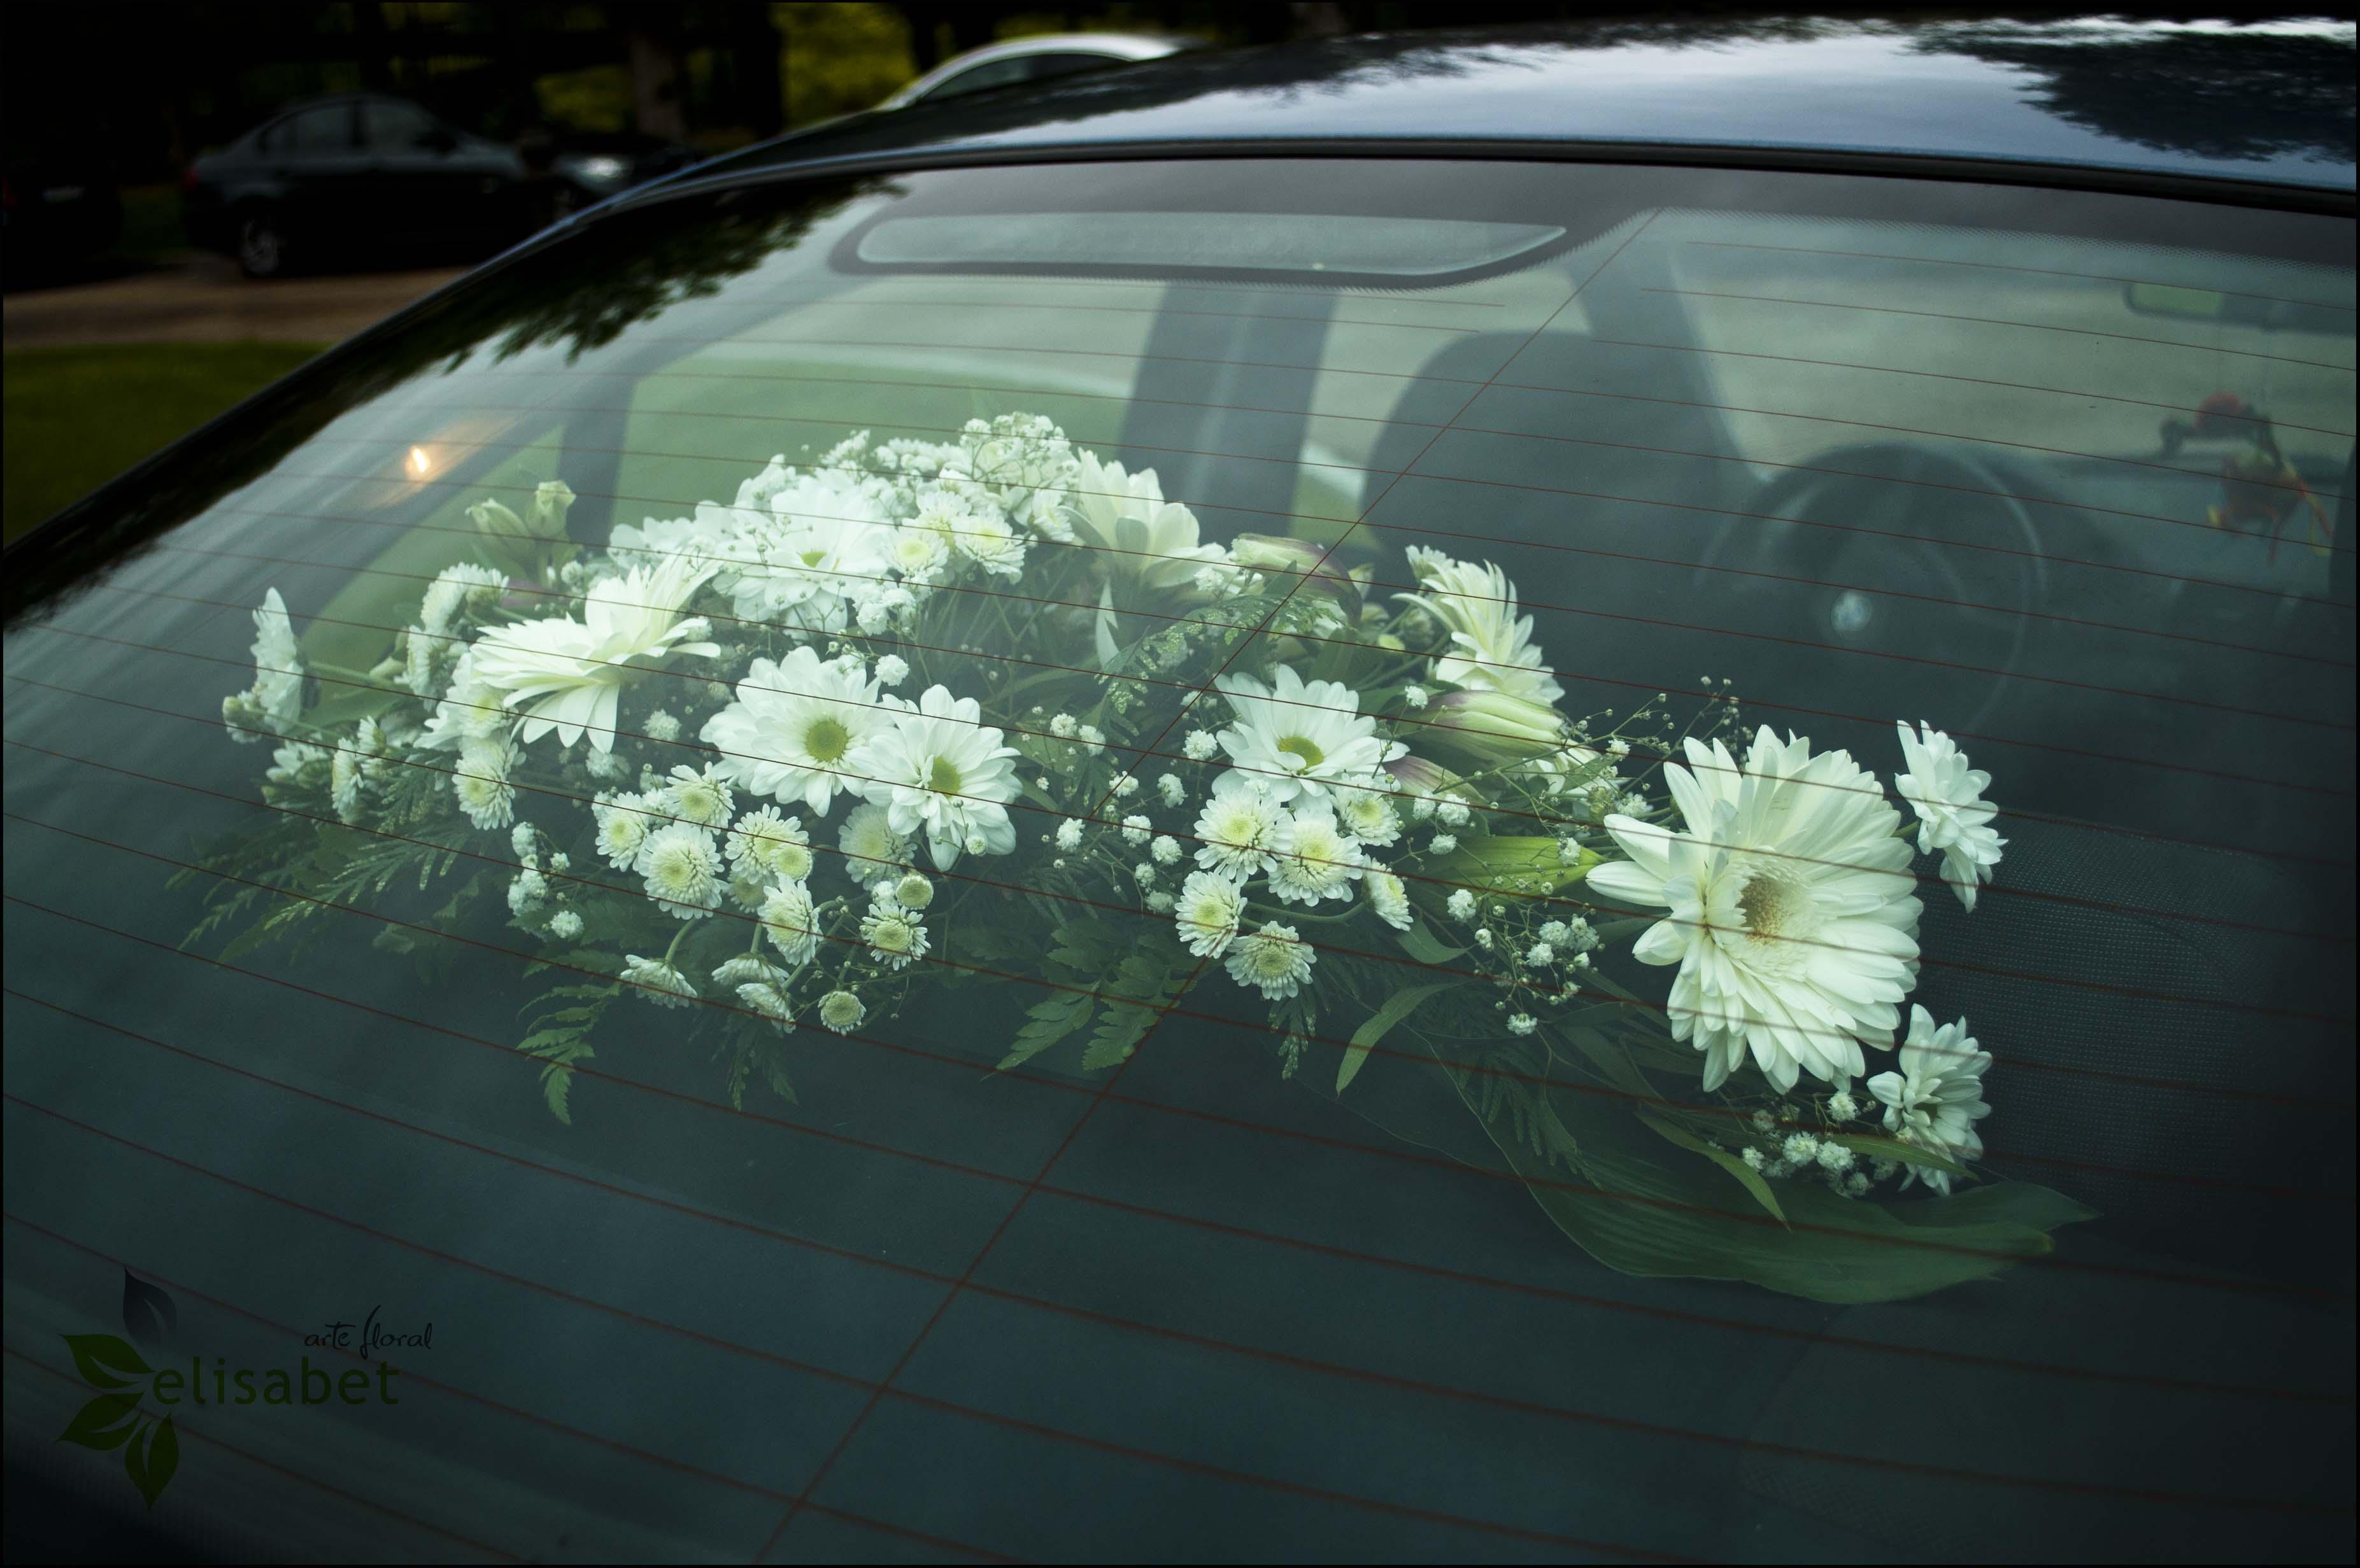 Boda centro de artes esc nicas elisabet arte floral blog - Decoracion interior coche ...